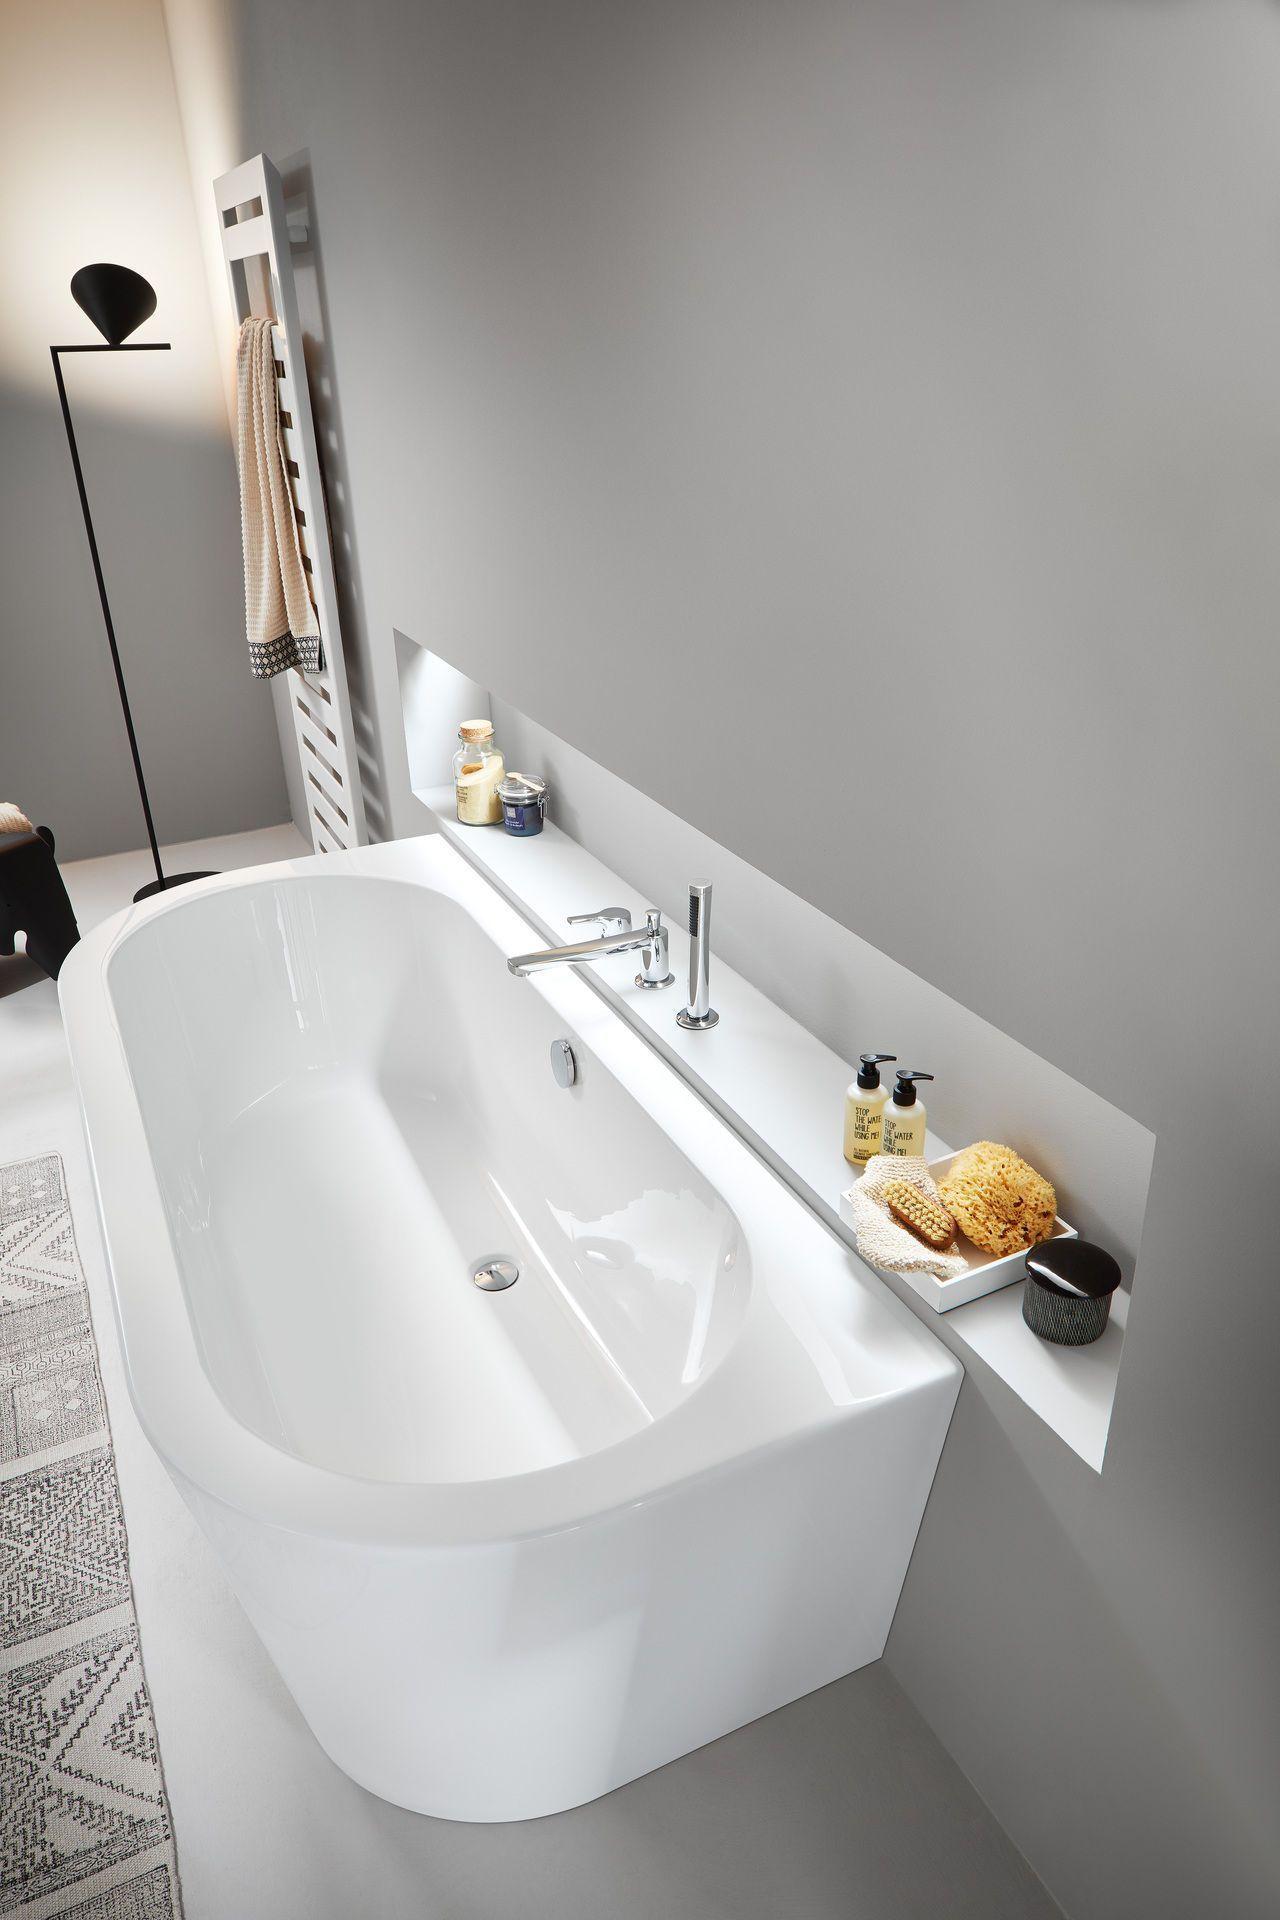 Hast Du Eine Grosse Wanne Mit Lego Steinen Probieren Sie Diese Projektideen Aus Bathroom Inspiration Diy Bathroom Decor Bathtub